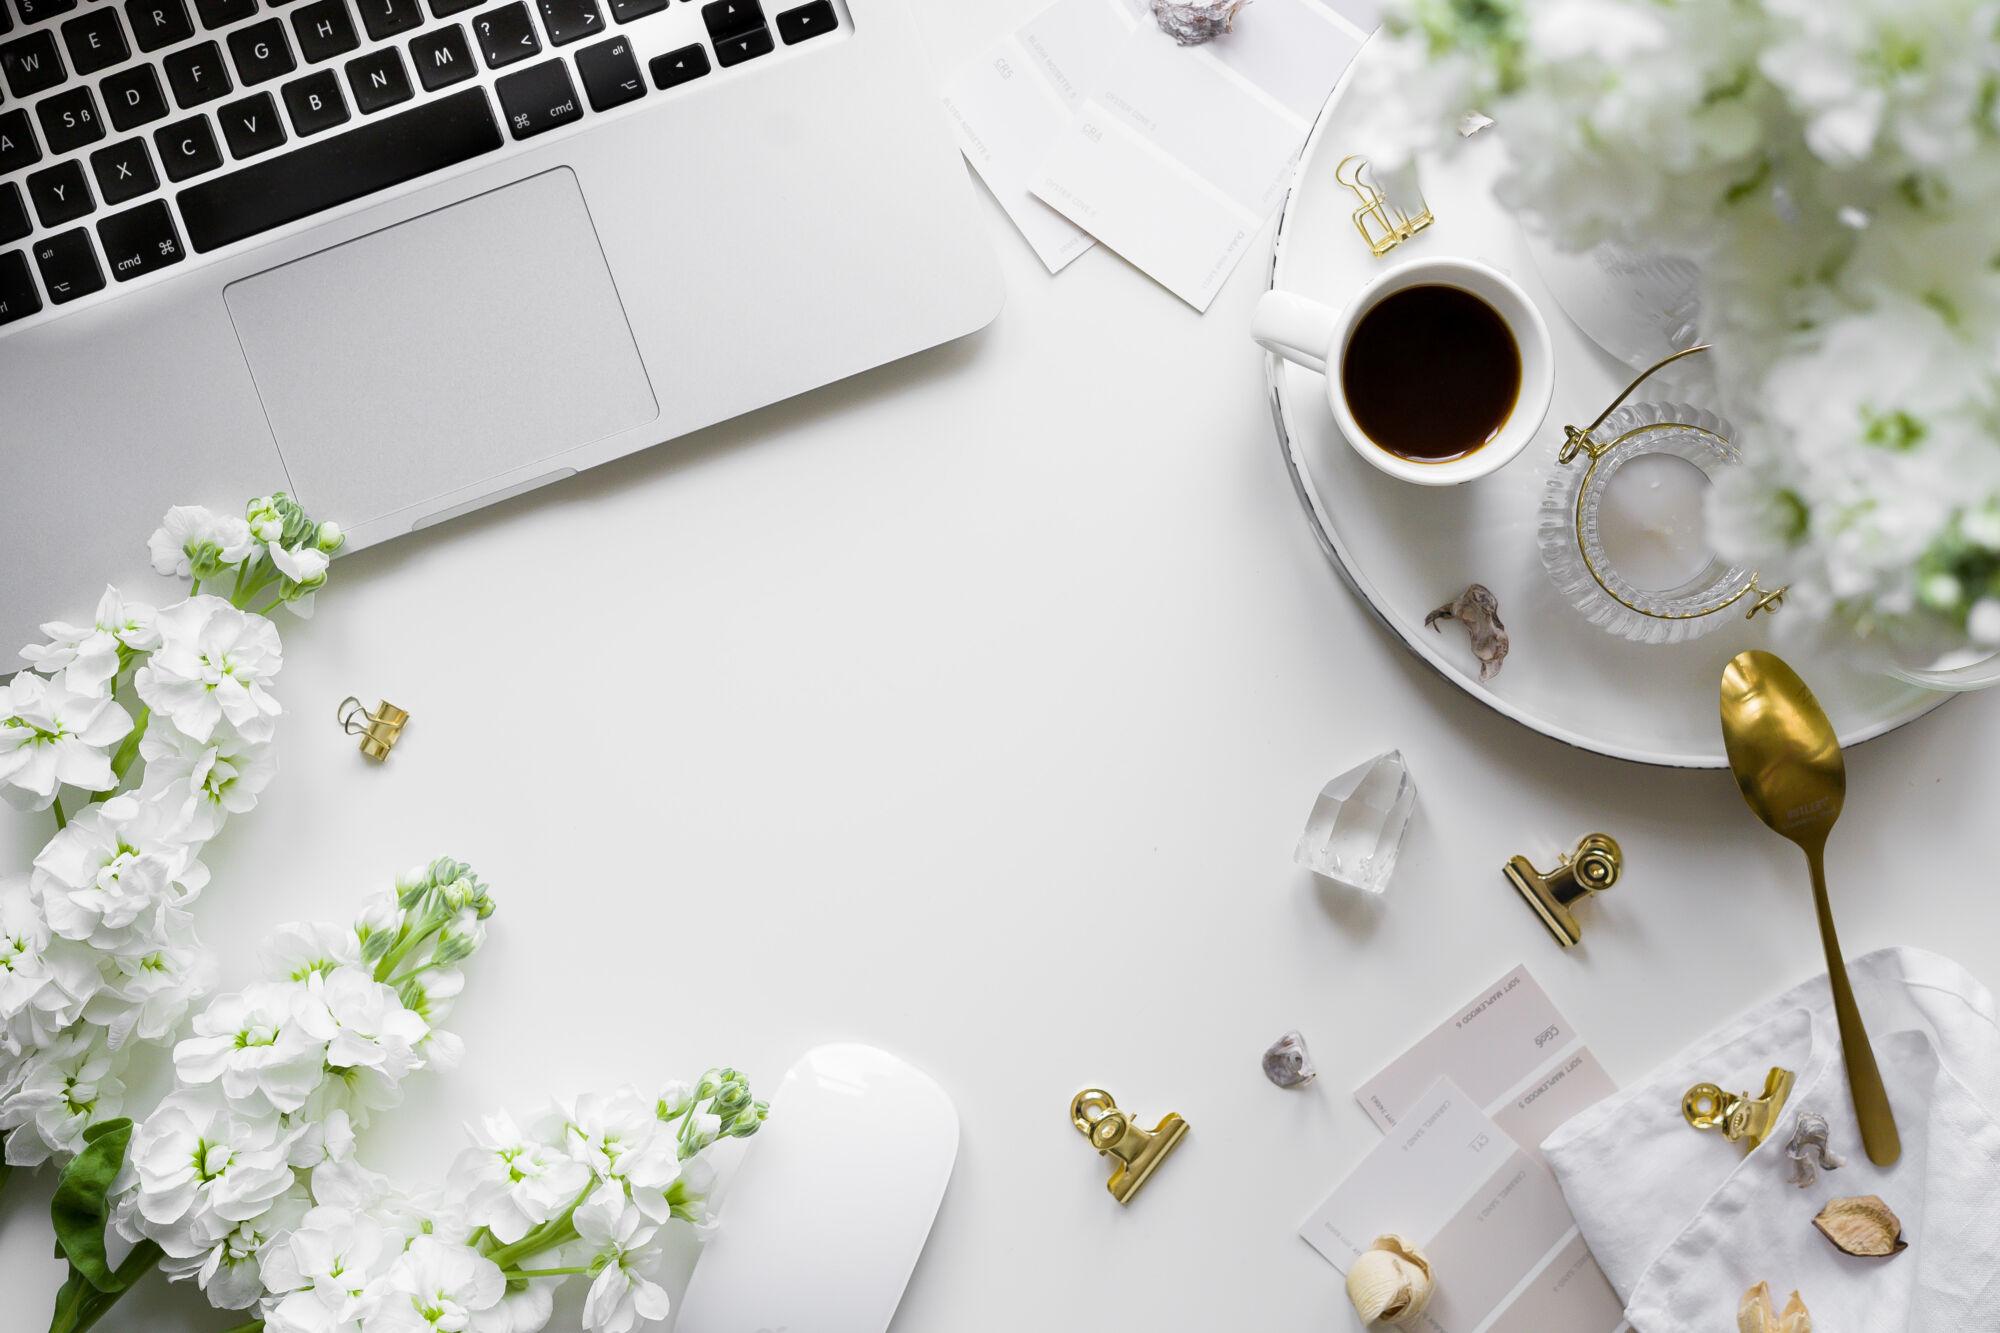 flatlay slaptopem, kávou abílými matiolami